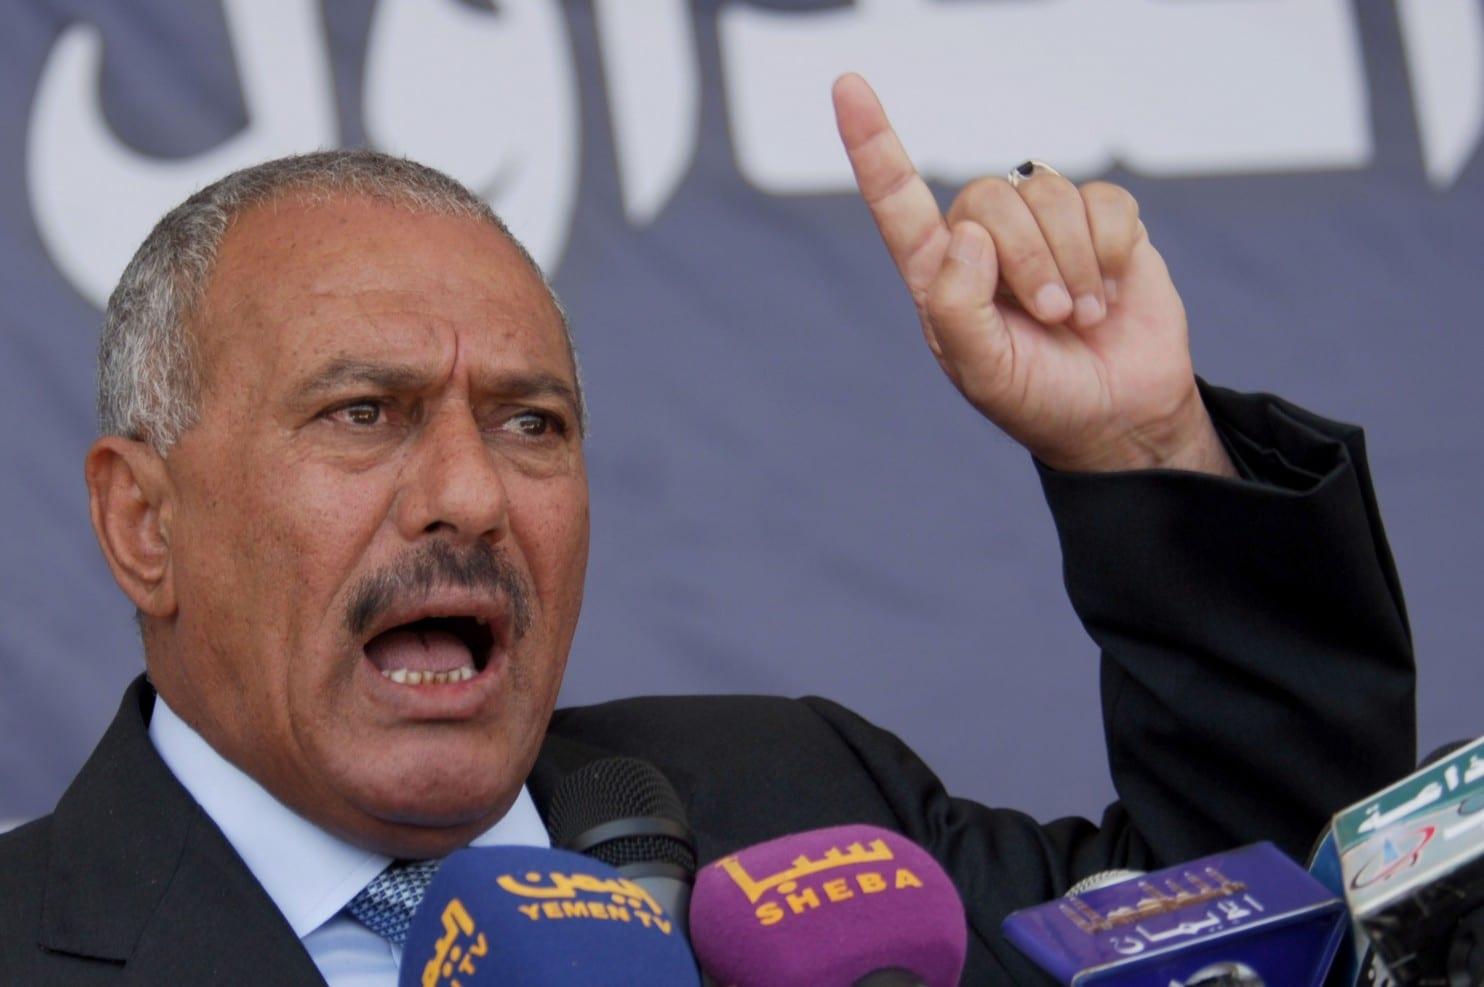 نیویورک تایمز: «علی عبدالله صالح» مرکز اتحاد بود در یمن یا عامل تفرقه؟